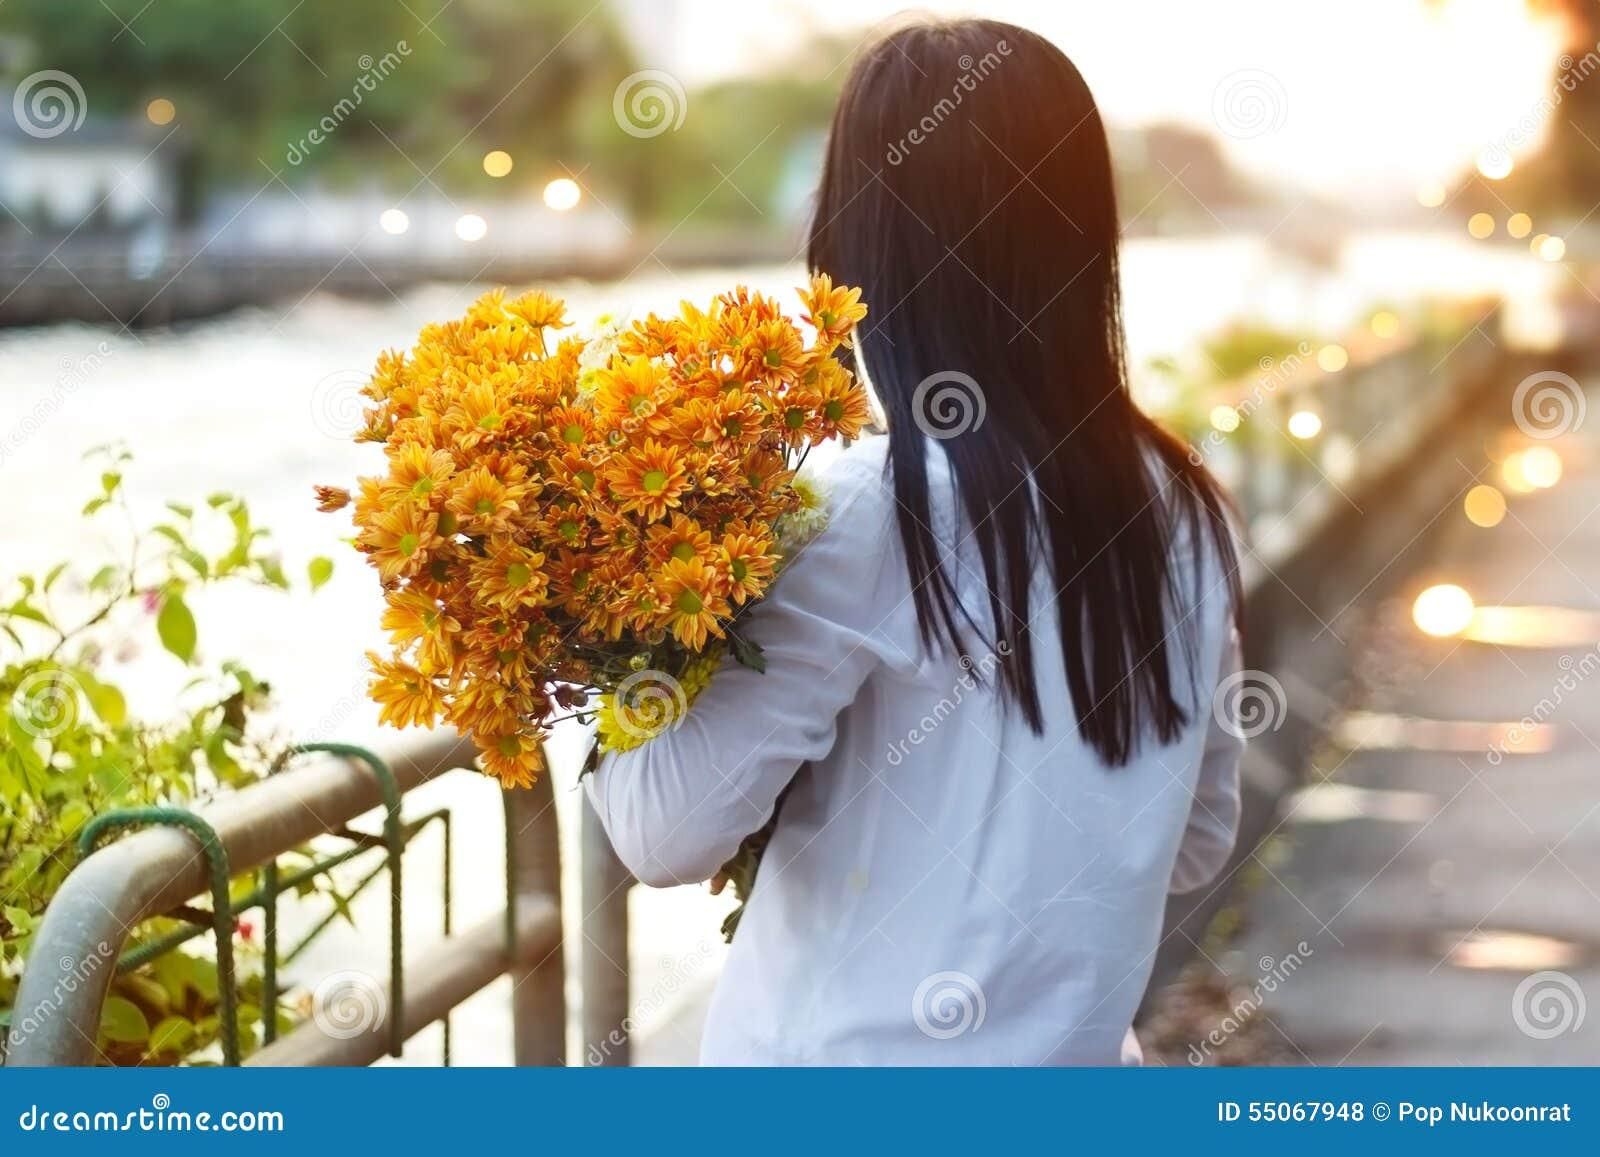 Abstrakte Frau mit Blumenstrauß blüht vibrierendes in den Händen auf Straße und Kanal